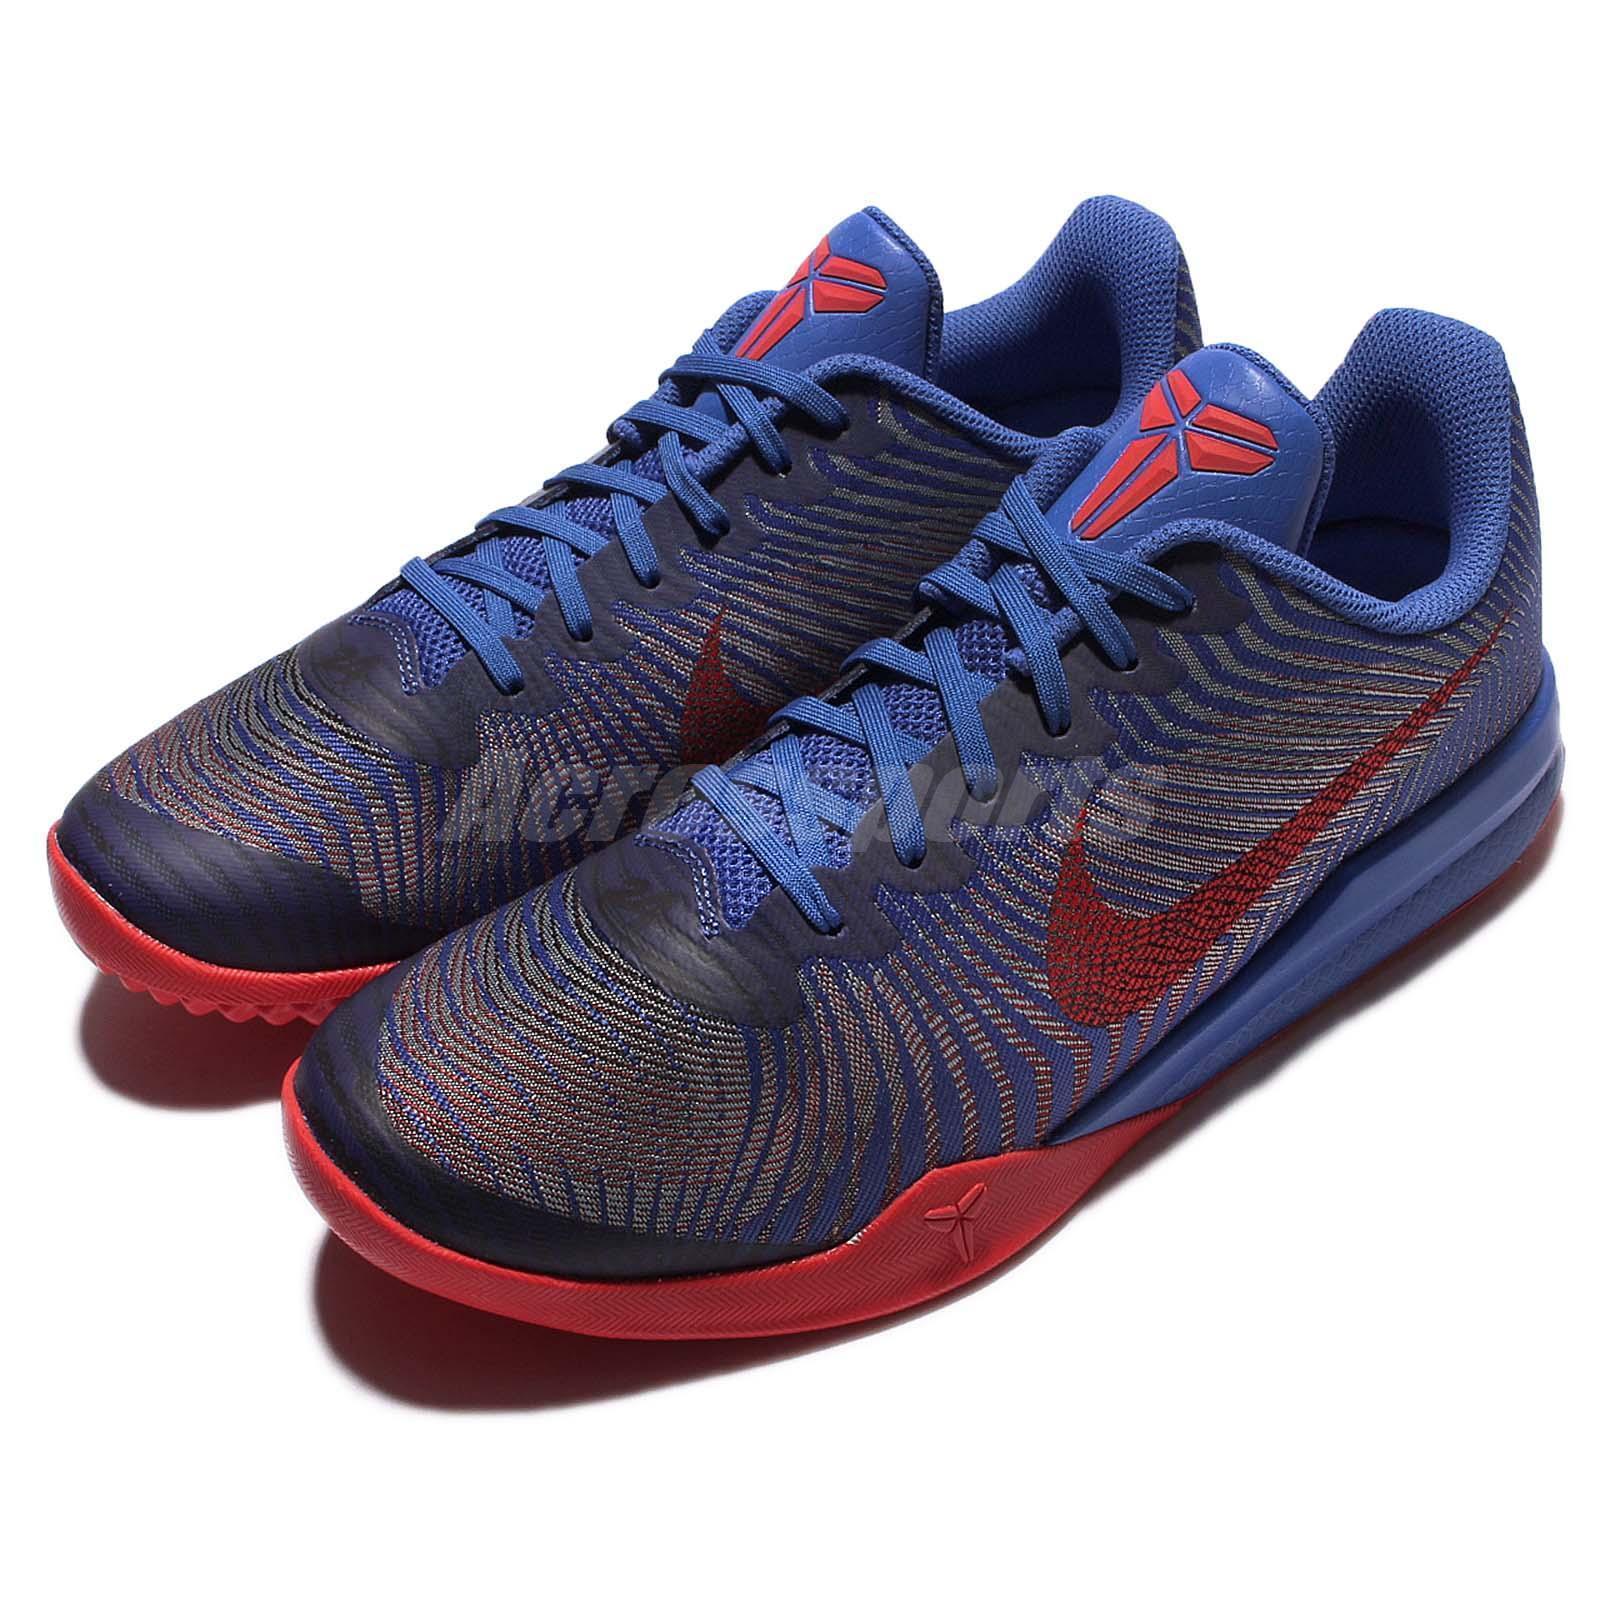 b4ed2a5e4f12 Nike KB Mentality II EP Kobe Bryant Blue Red Mens Basketball Shoes  818953-402 on